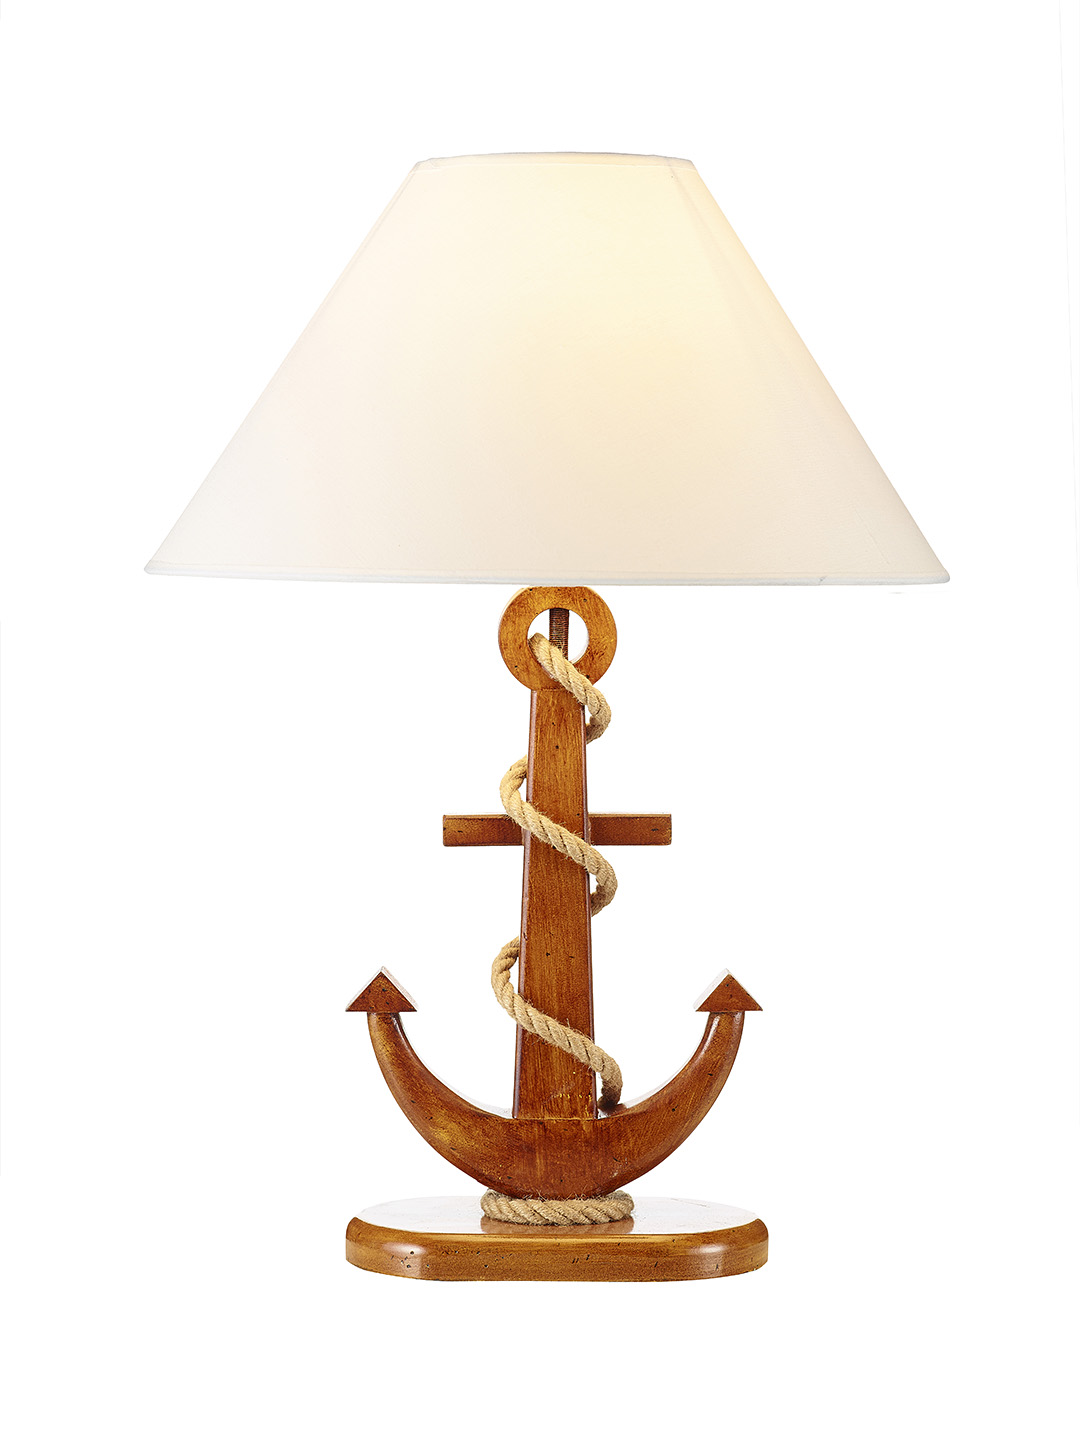 lampe anker holz natur tischlampen maritime lampen. Black Bedroom Furniture Sets. Home Design Ideas